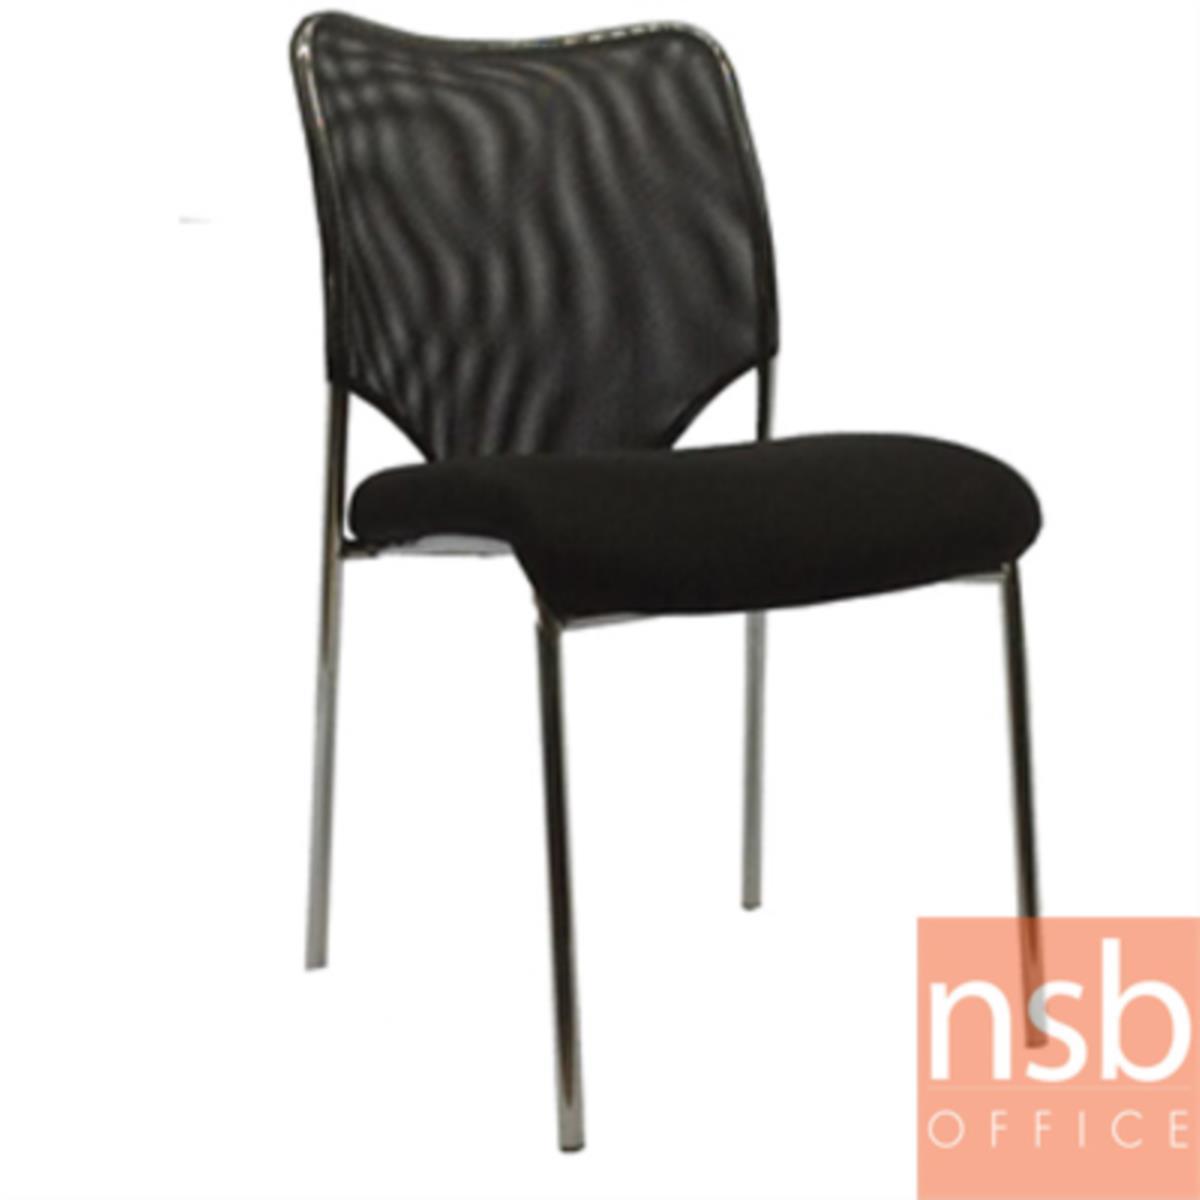 B05A015:เก้าอี้อเนกประสงค์ยูโร  ขนาด 85H cm.  ขาเหล็กชุบโครเมี่ยม